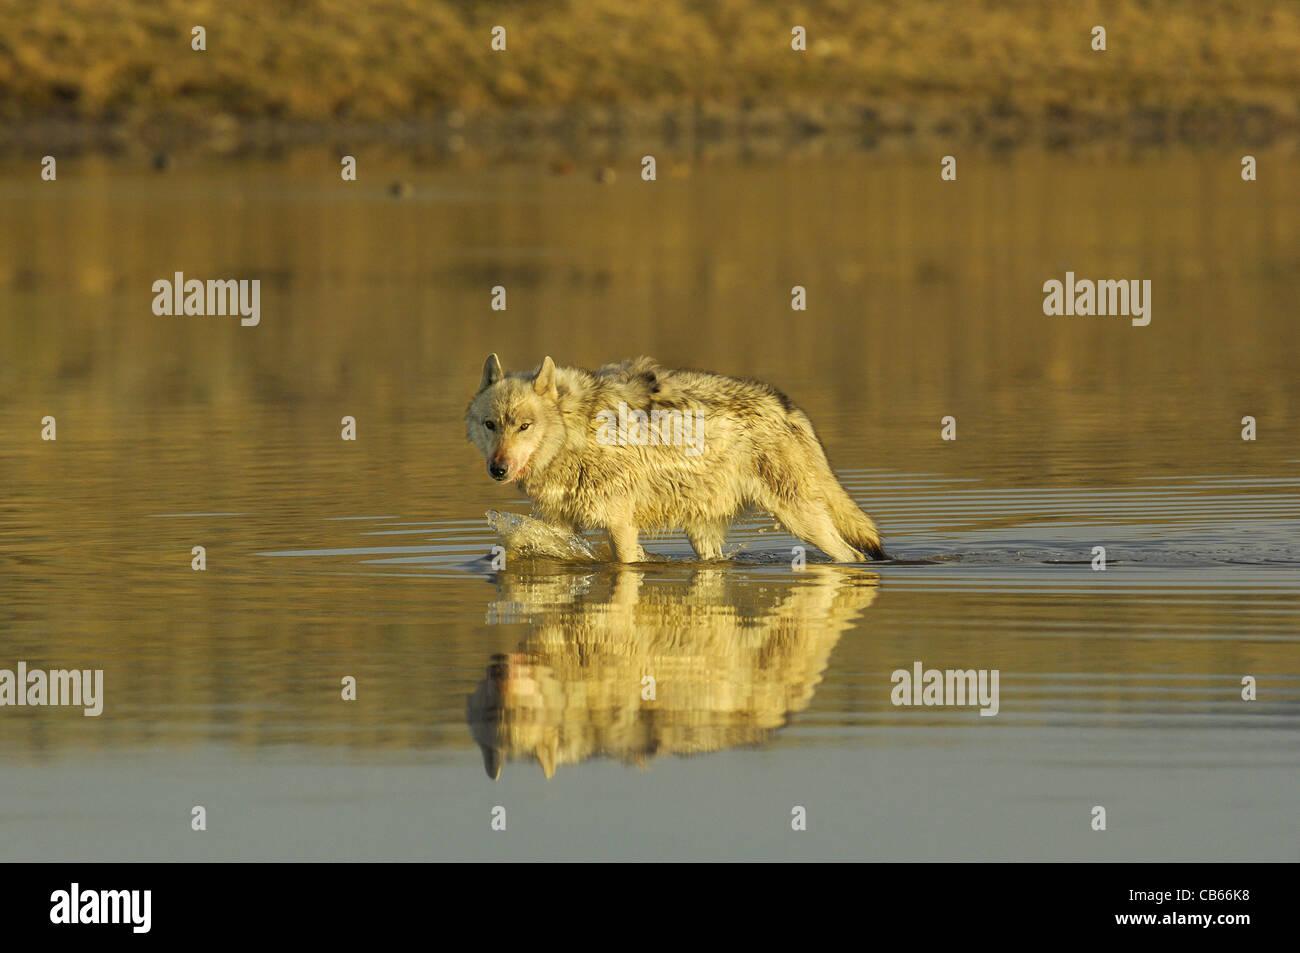 Lupo nel fiume Foto Stock